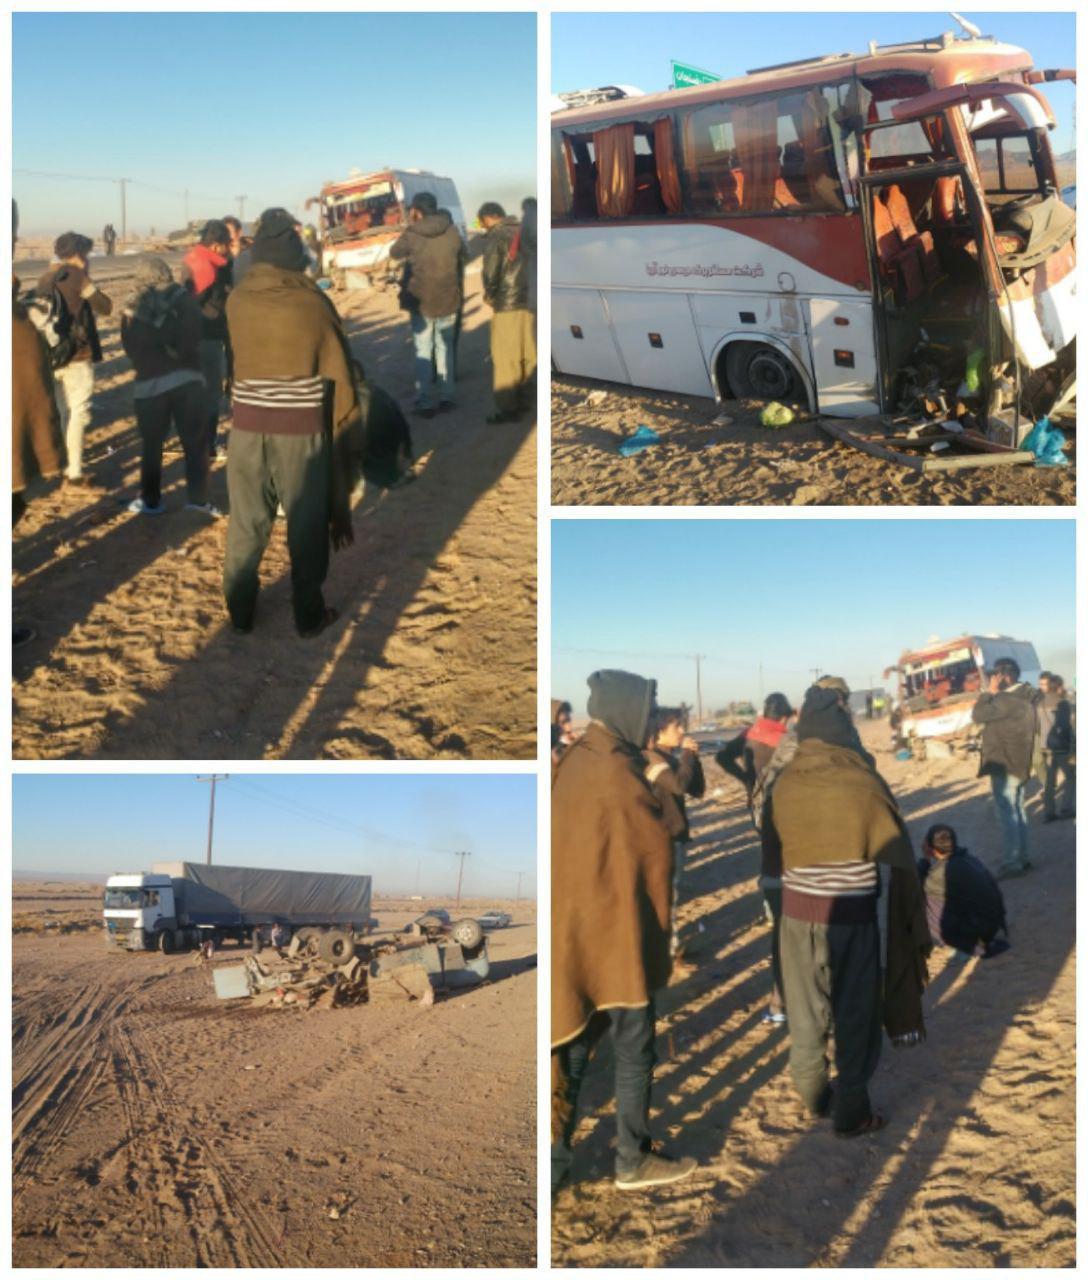 تصادف اتوبوس و مینی بوس در جاده رفسنجان / هر 9 سرنشین مصدوم شدند (عکس)